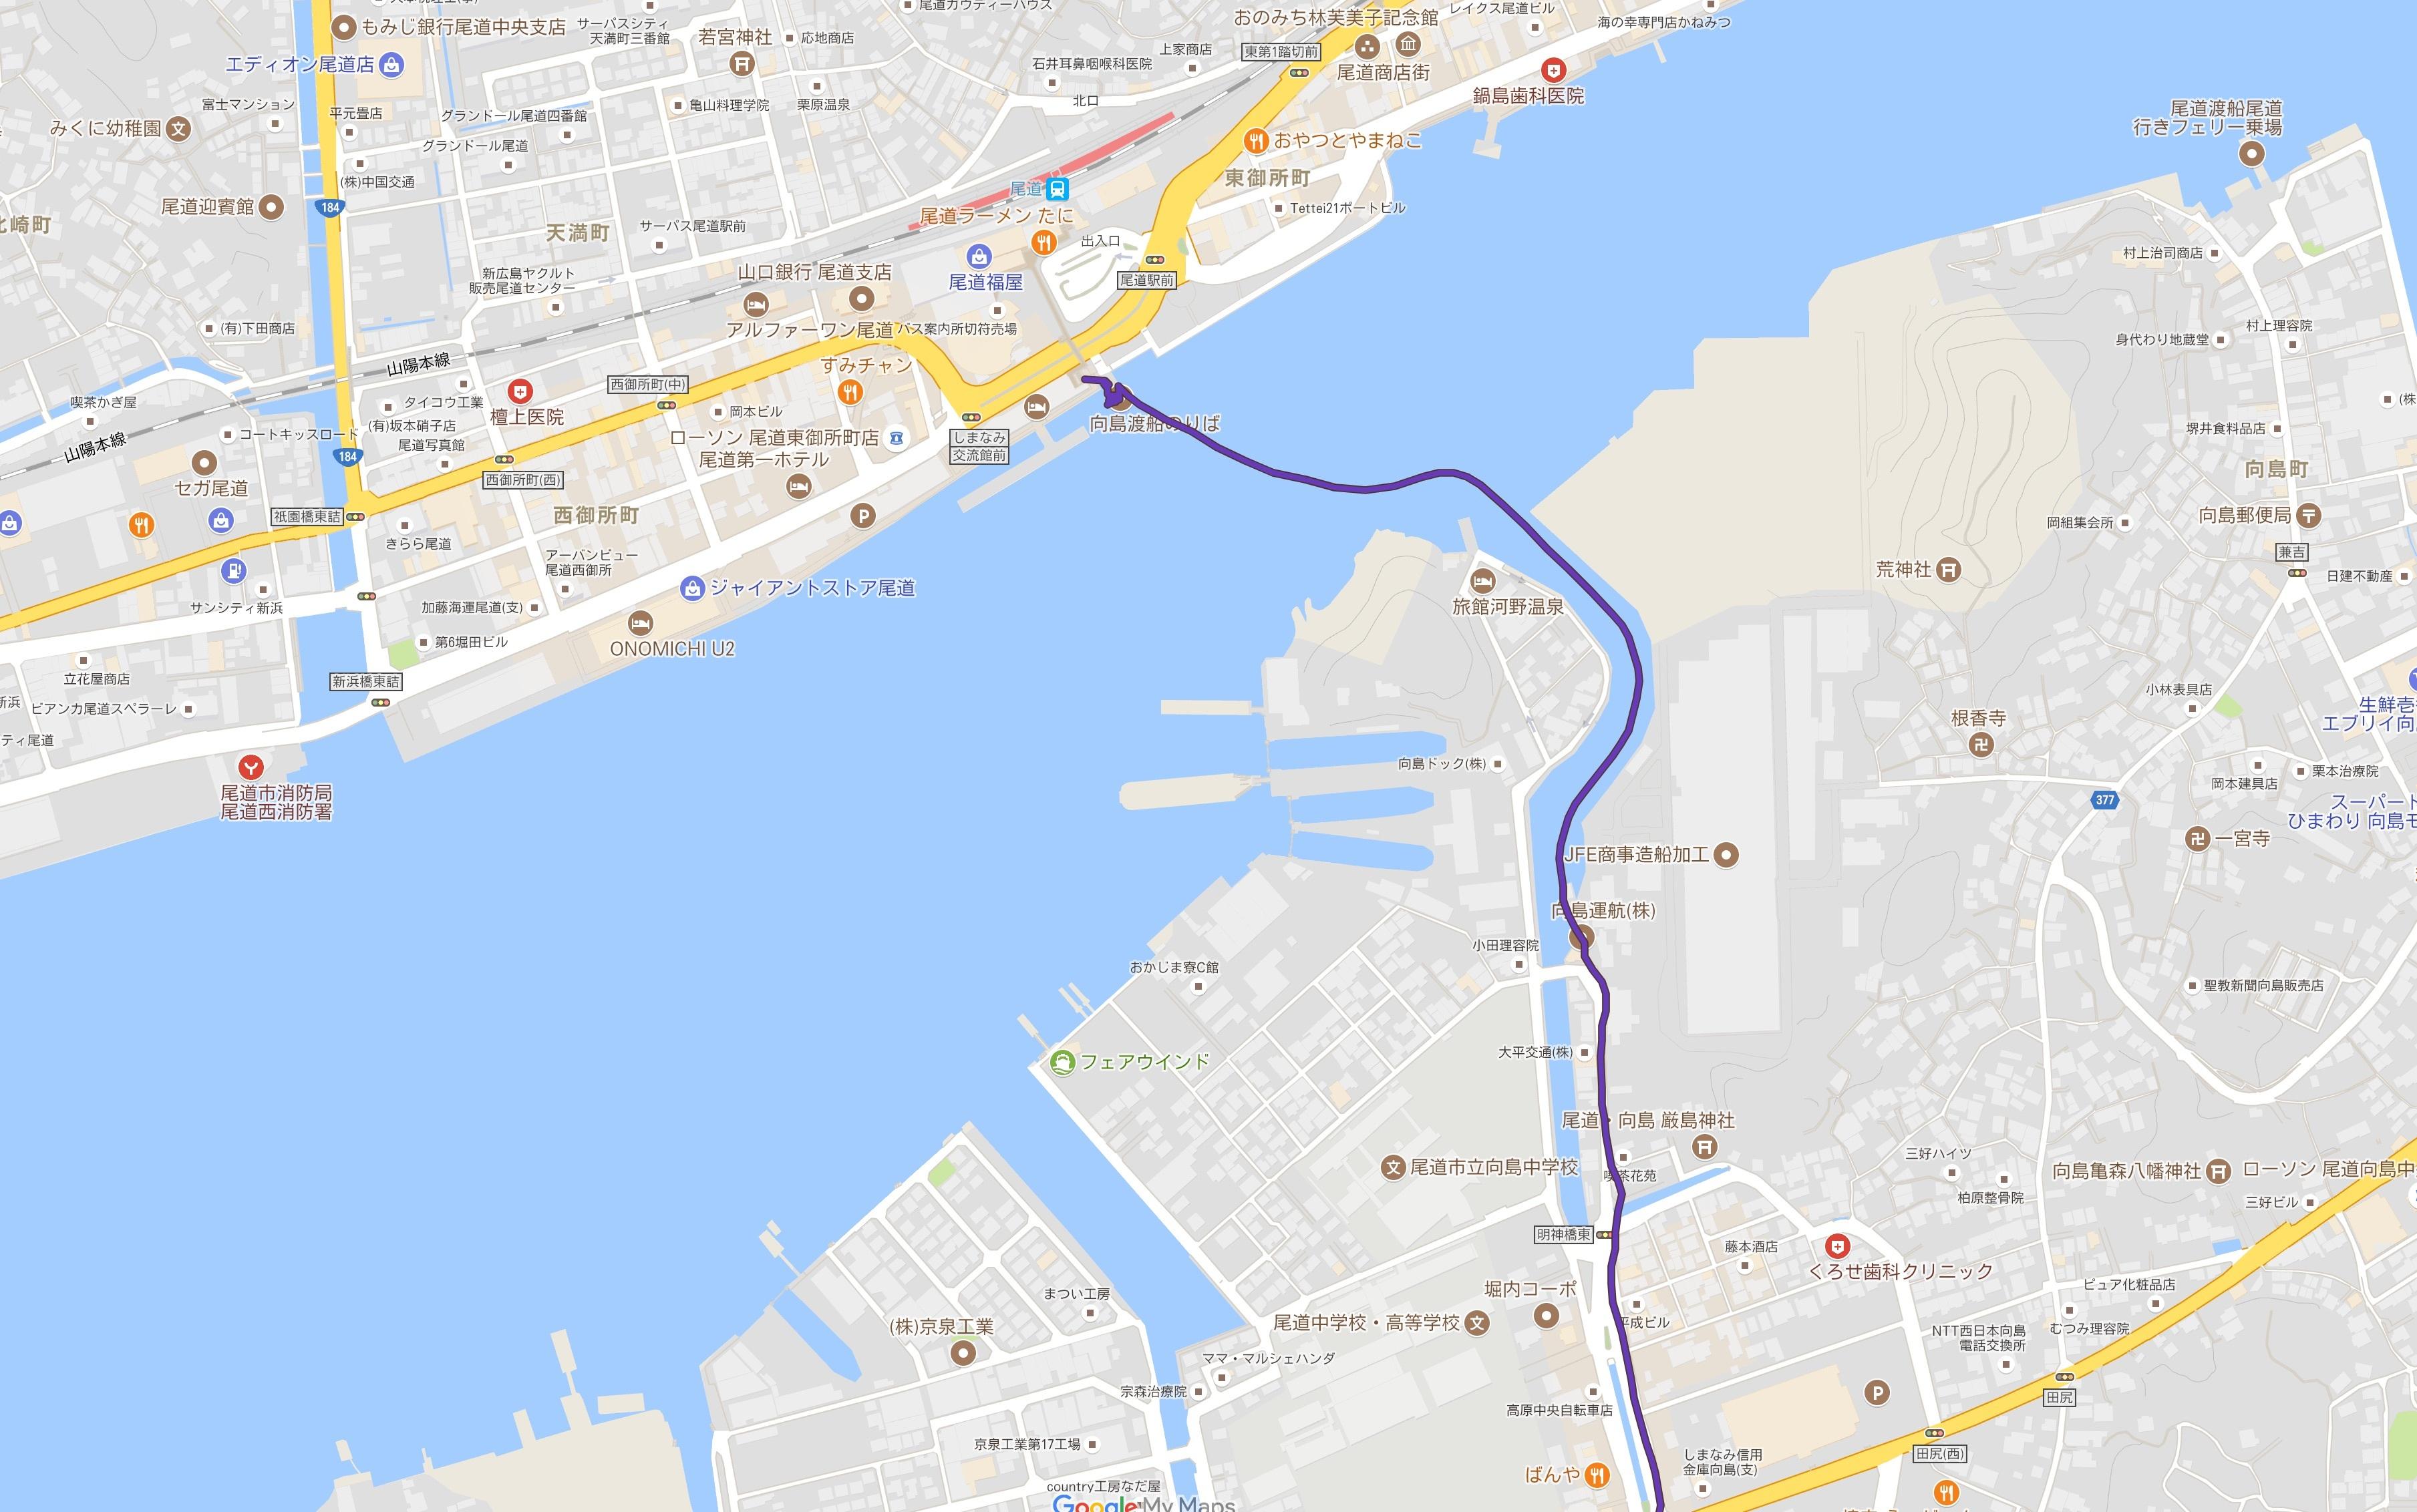 180327-28しまなみ海道サイクリング_-_Google_マイマップ